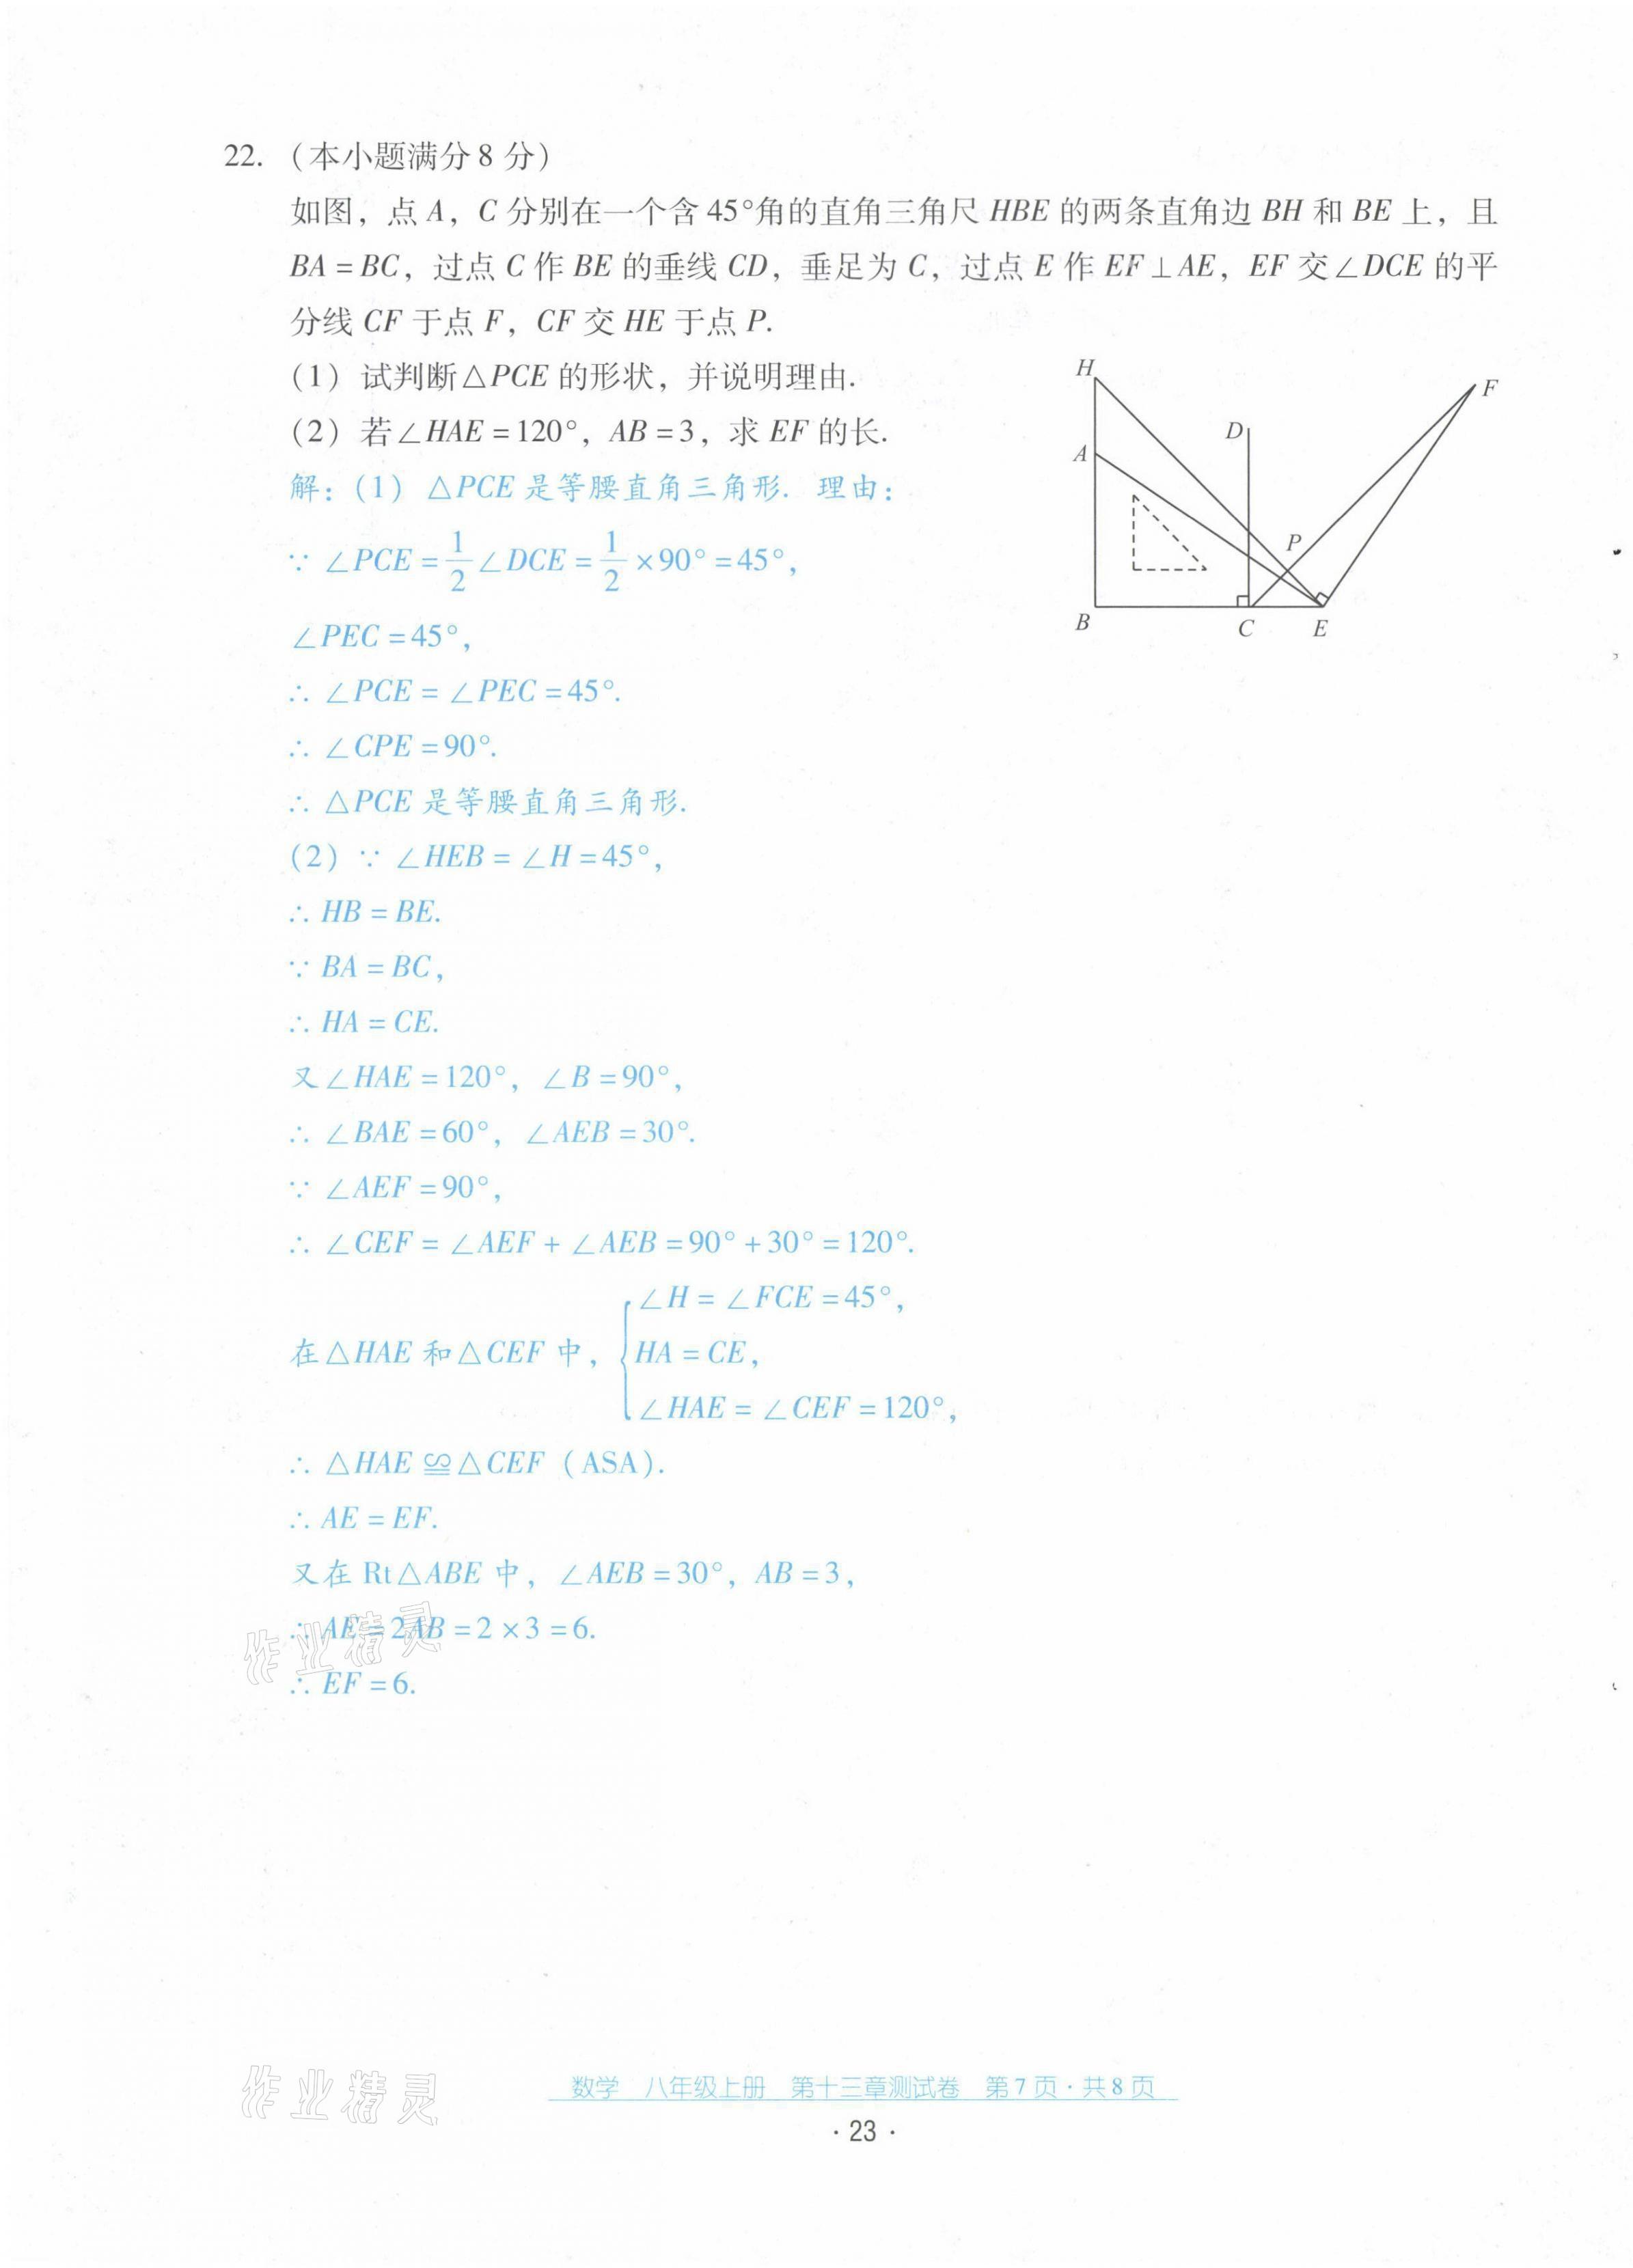 2021年云南省标准教辅优佳学案配套测试卷八年级数学上册人教版第23页